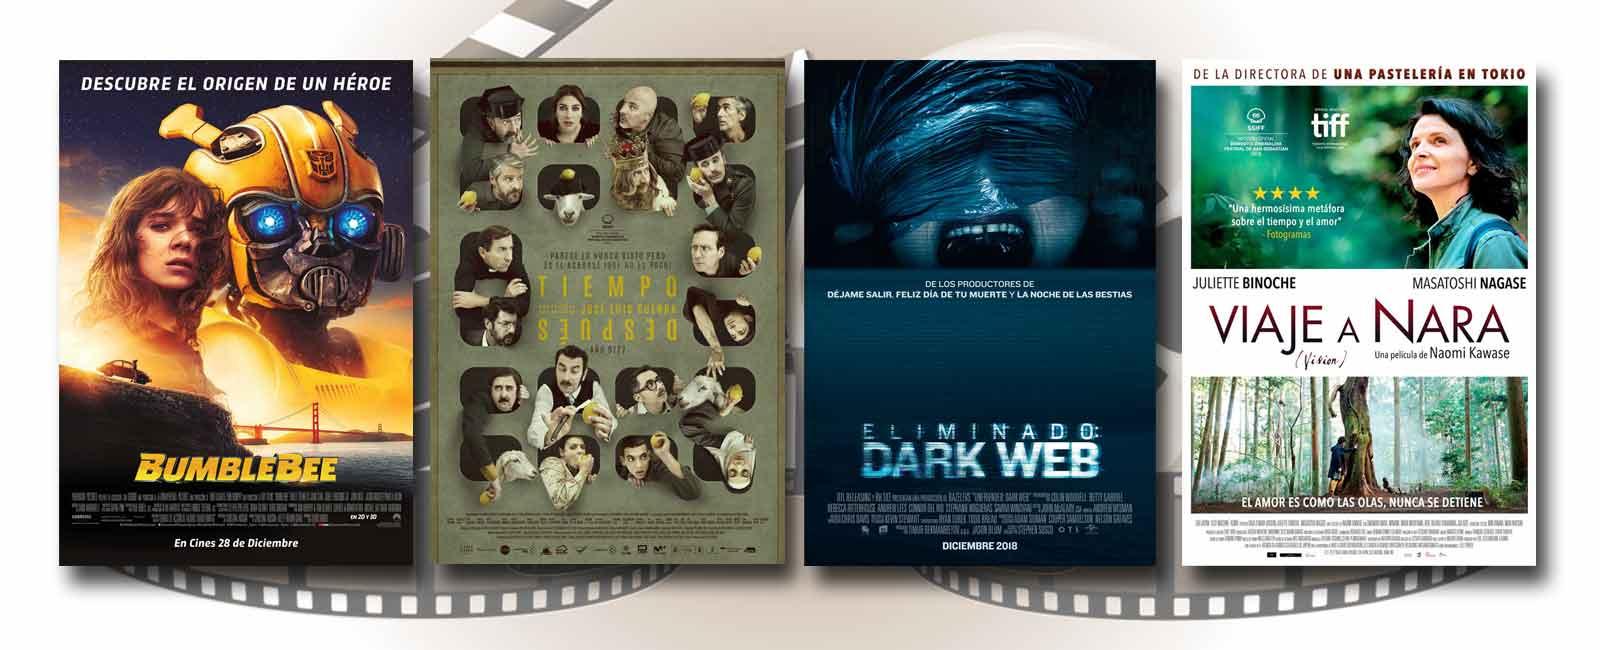 Estrenos de Cine de la Semana… 28 de Diciembre 2018